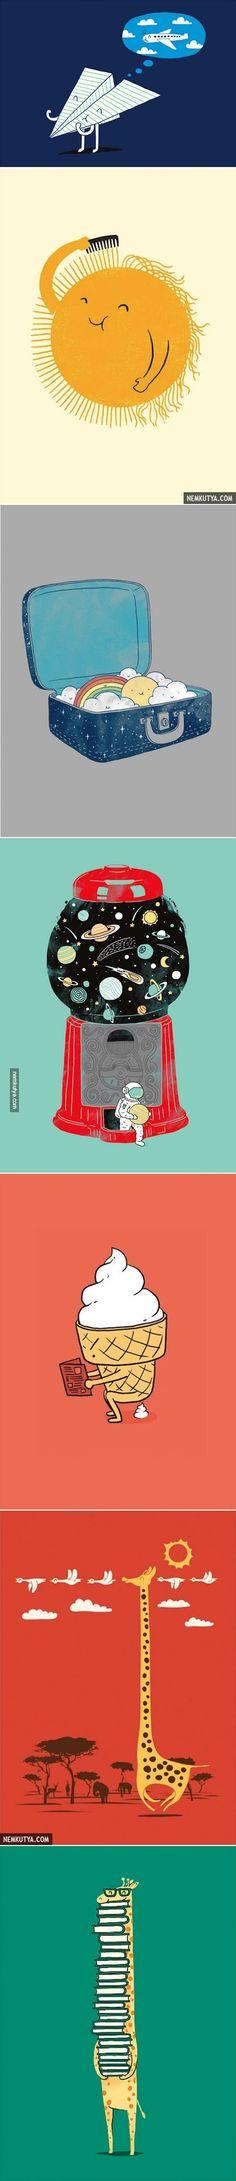 Nemkutya.com - Tüneményes rajzok, melyek mosolyt csalnak az arcodra! :)